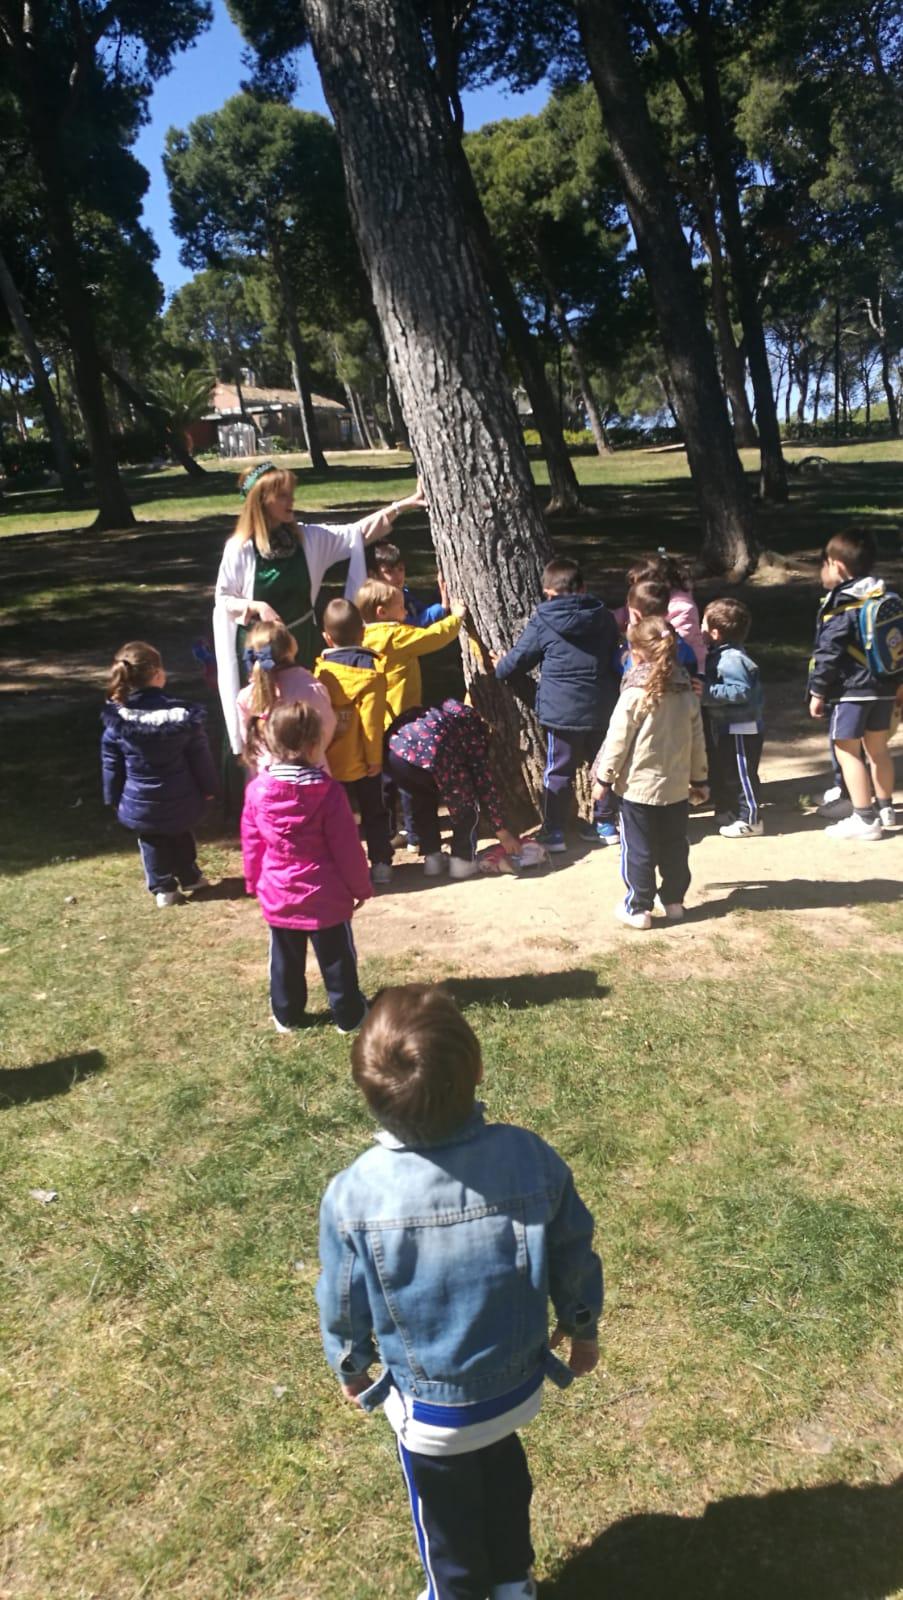 Infantil parque 1 2019